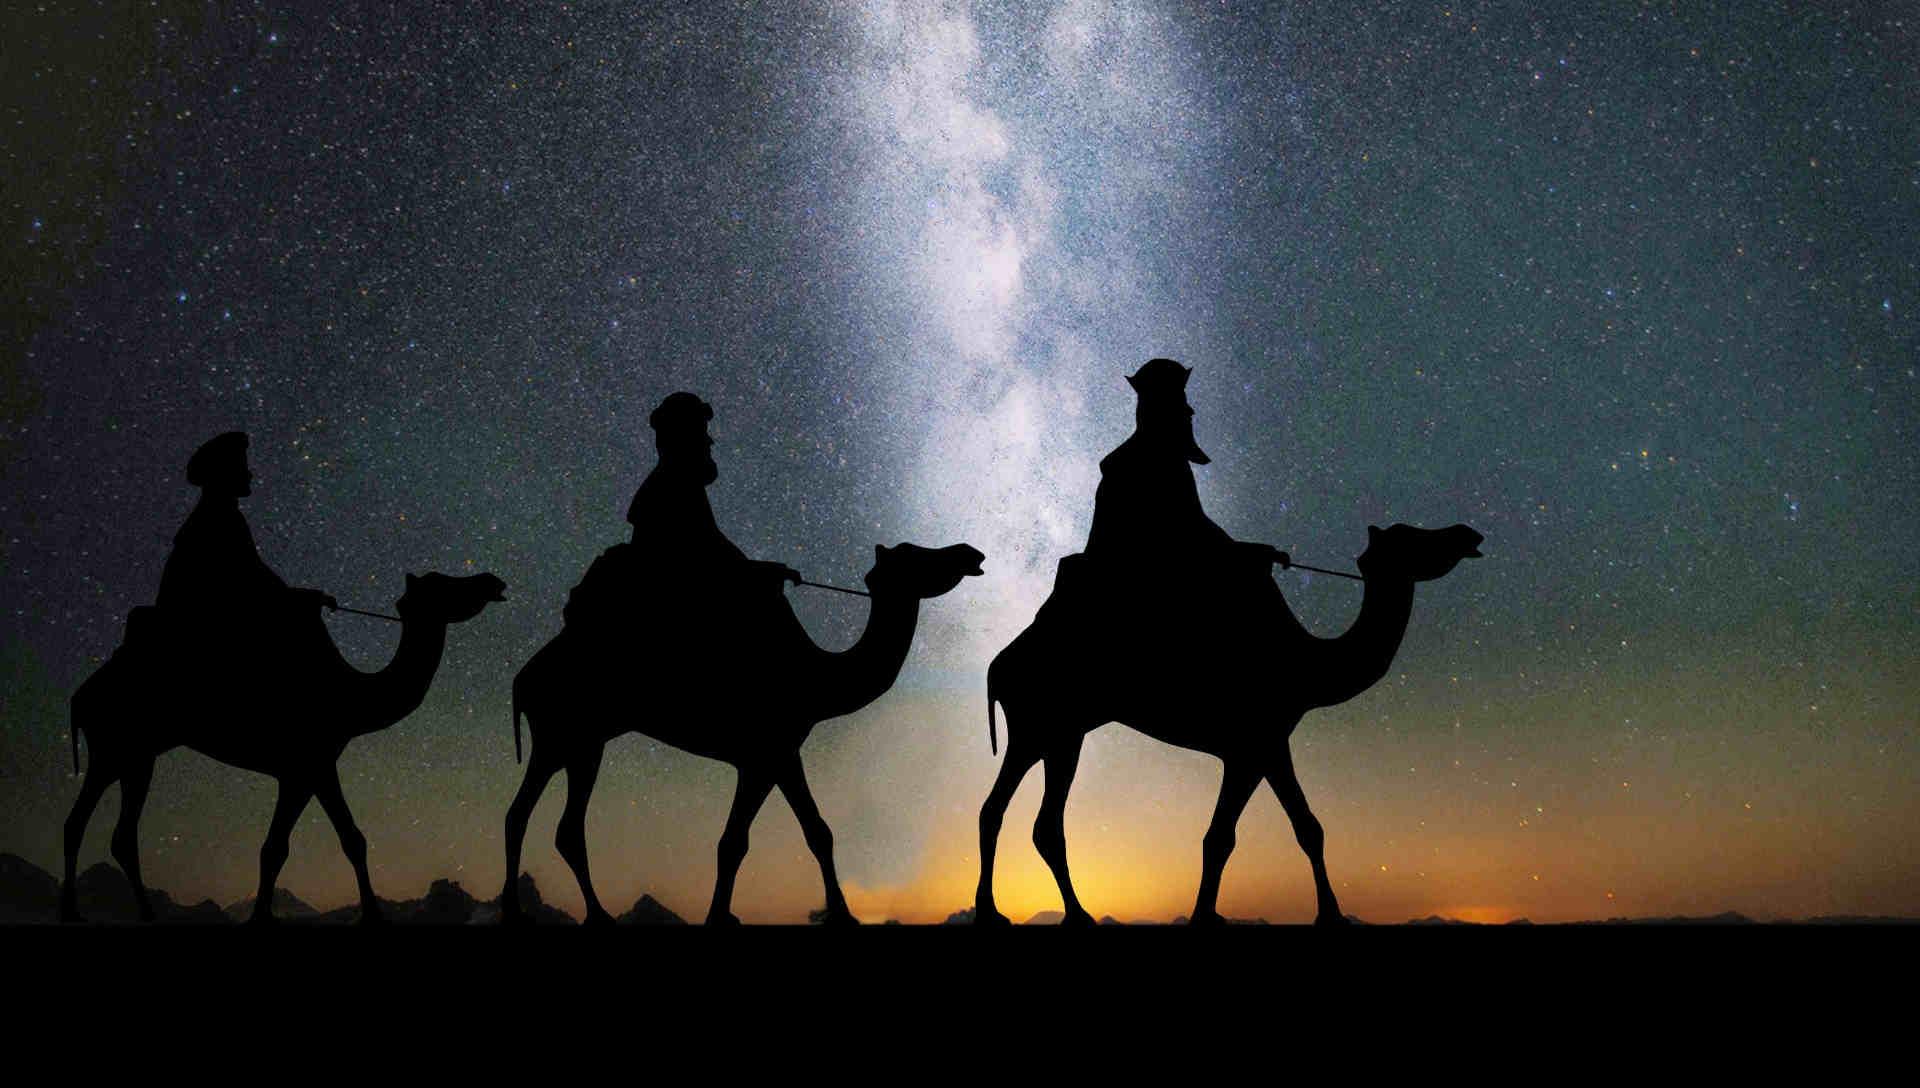 Reyes 2019 Frases Graciosas Para Compartir Por La Noche